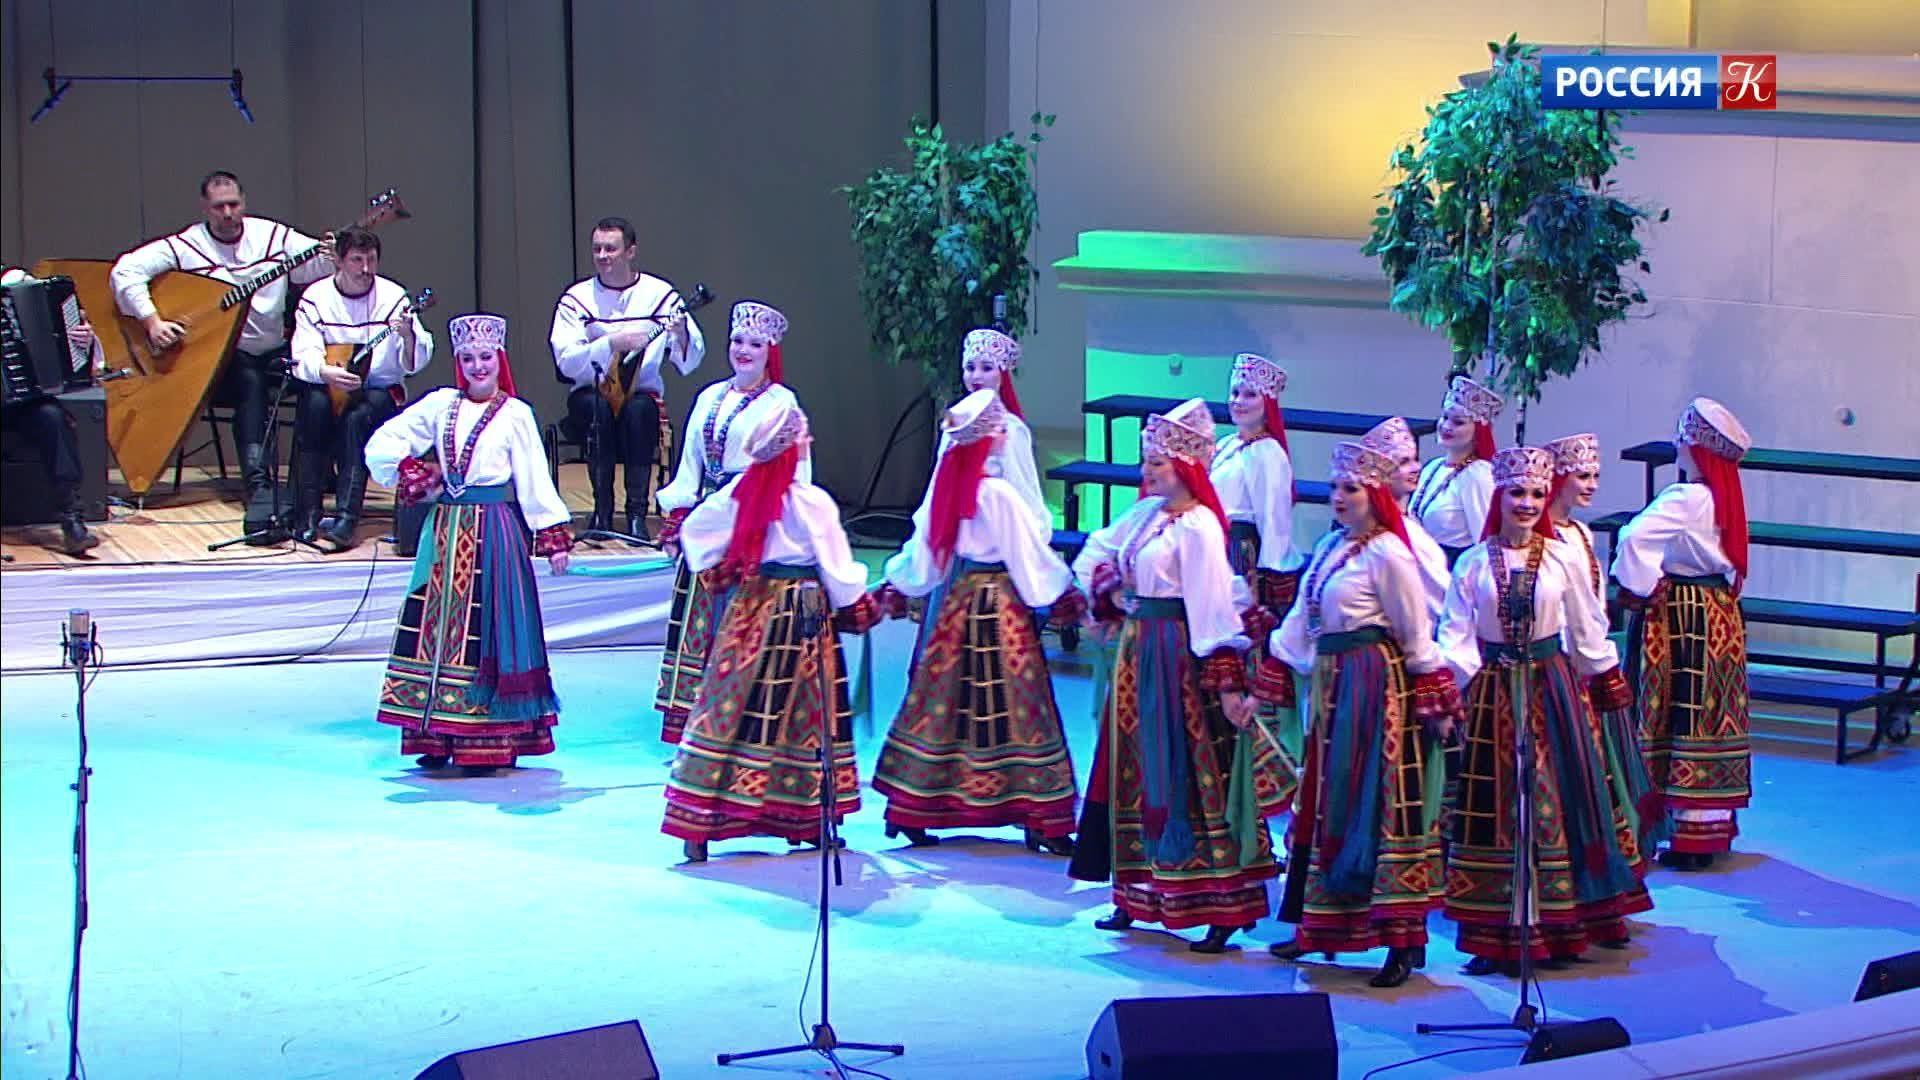 Государственный академический русский народный хор имени М.Е. Пятницкого. Юбилейный концерт